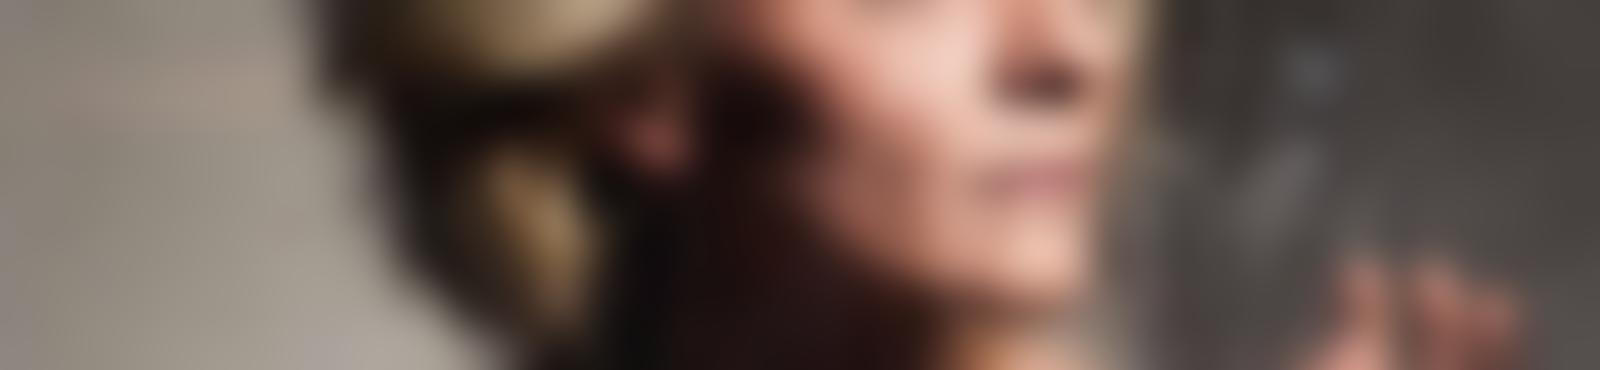 Blurred 9c878e6c 663d 450f 9143 d87a3e049126